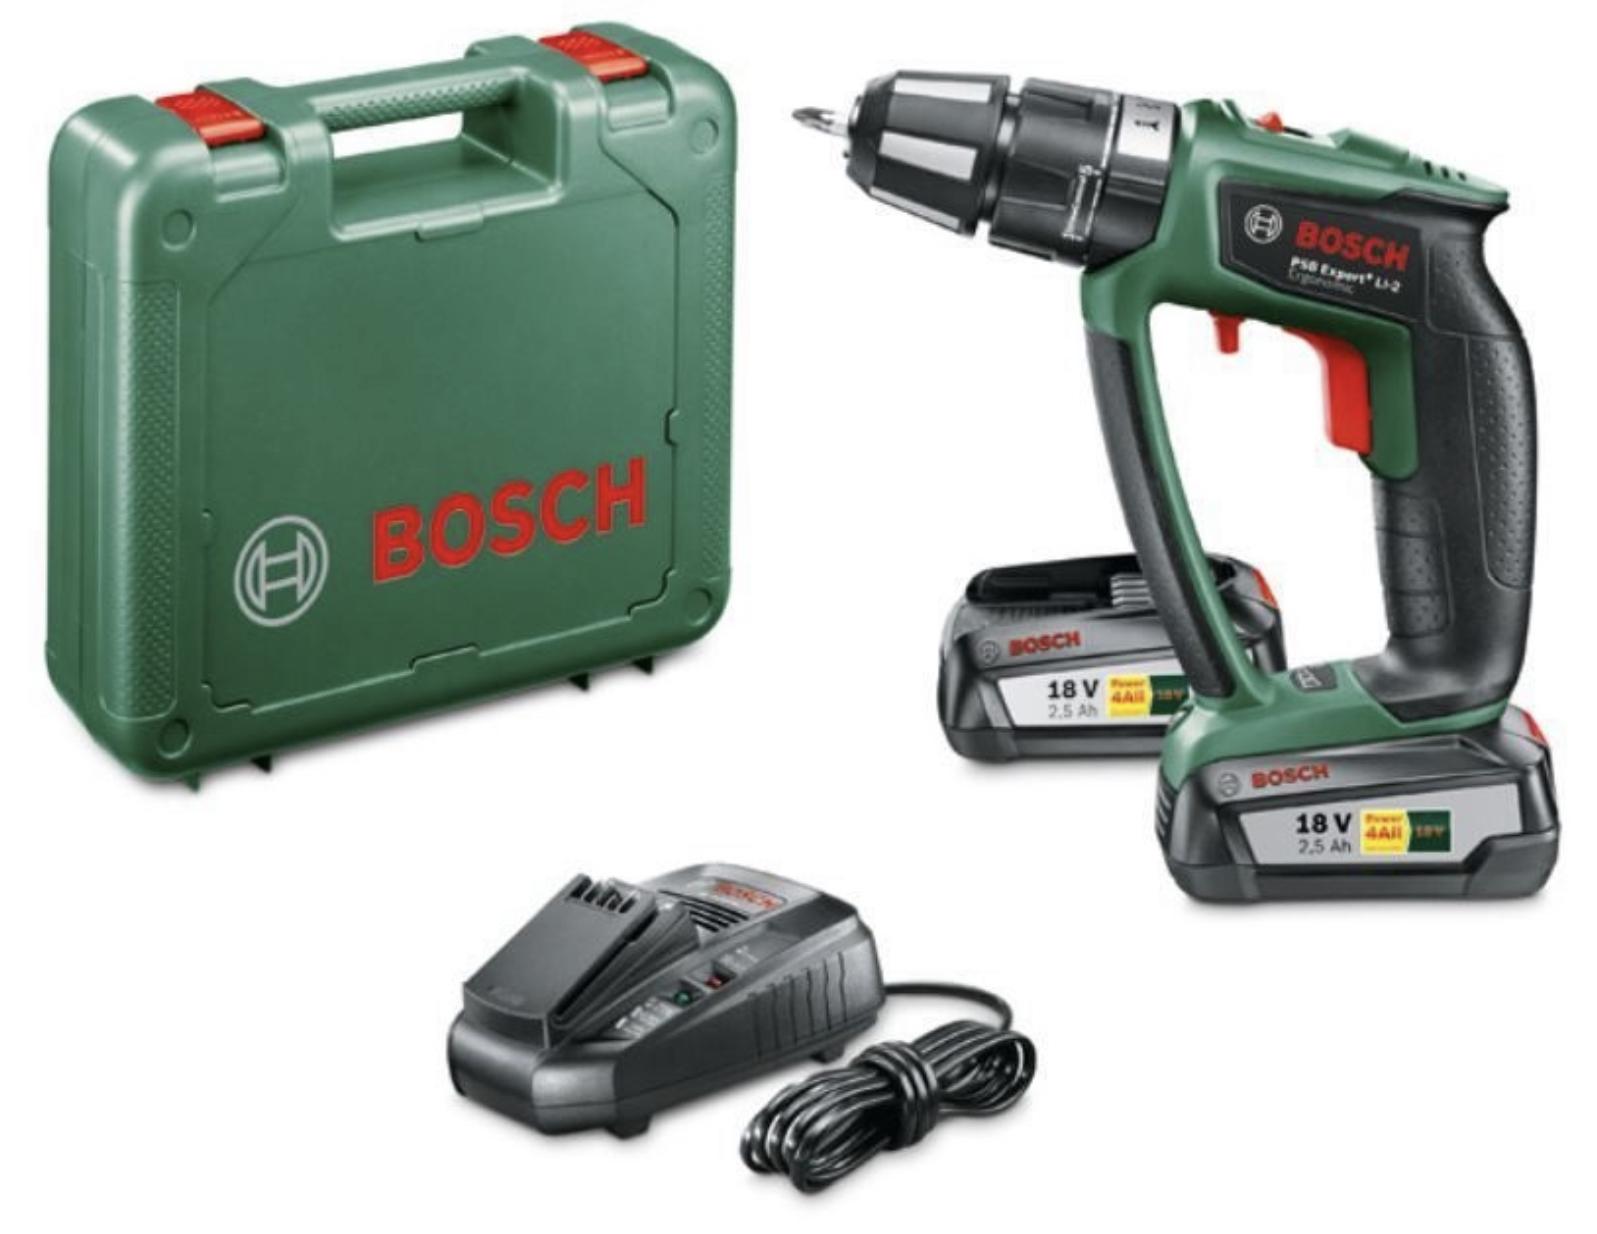 Bosch PSB Expert+ LI-2 Ergonomic AKKU-SCHLAGBOHRSCHRAUBER mit 2 x 18V 2,5A für